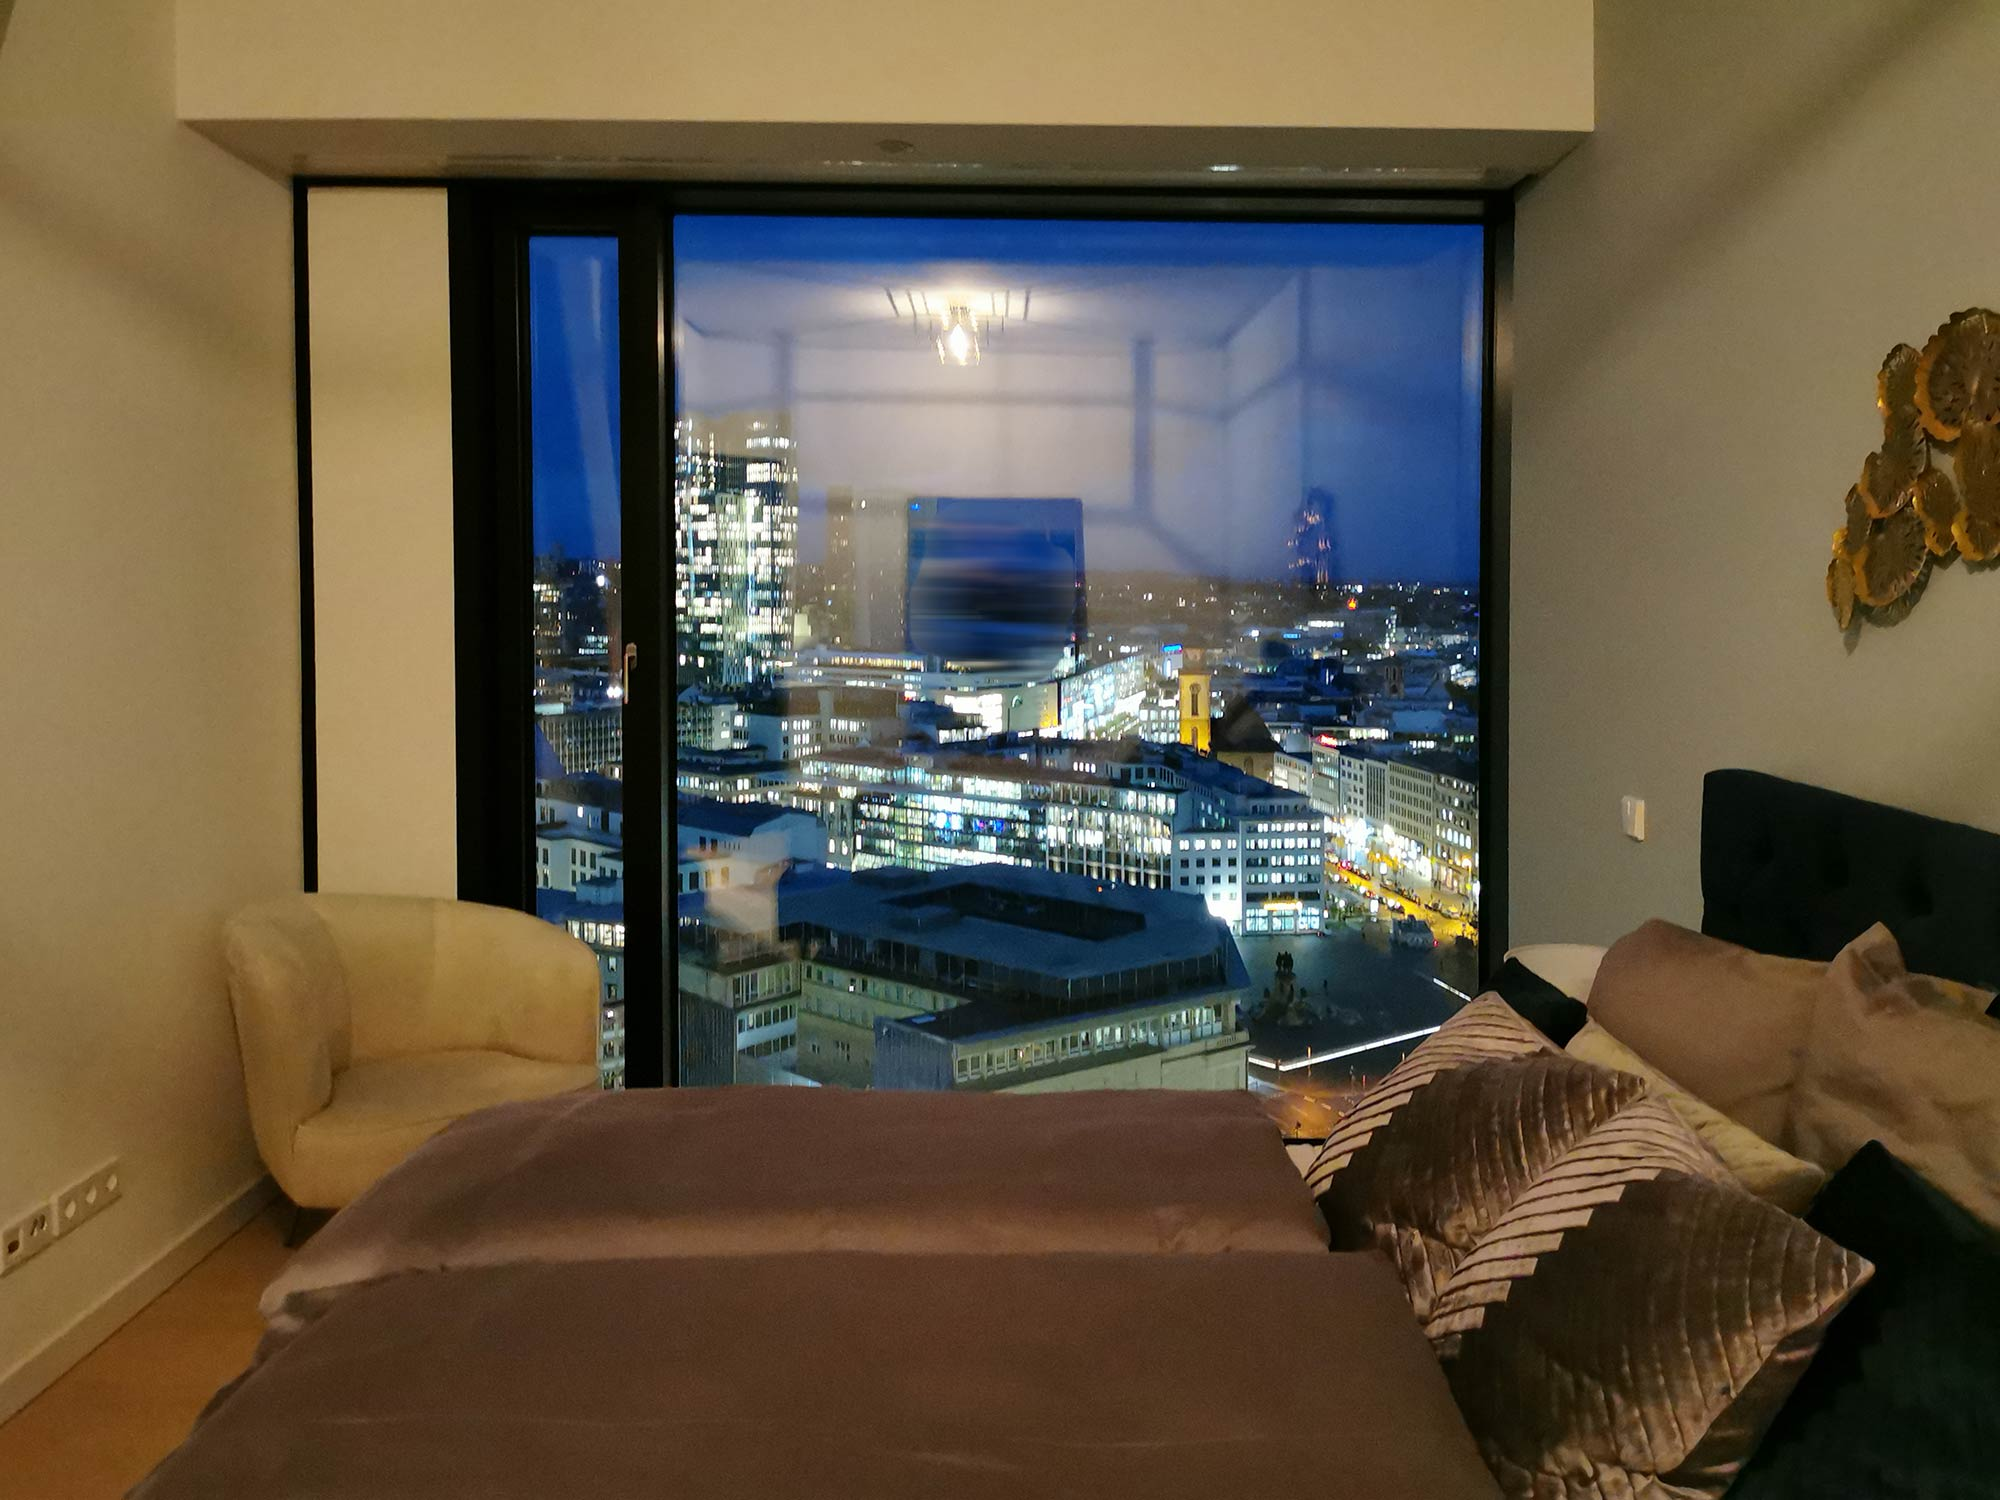 OmniTurm Wohnung - Mietwohnung Wolkenkratzer mit Skylineblick - Skyline Wohnung Frankfurt